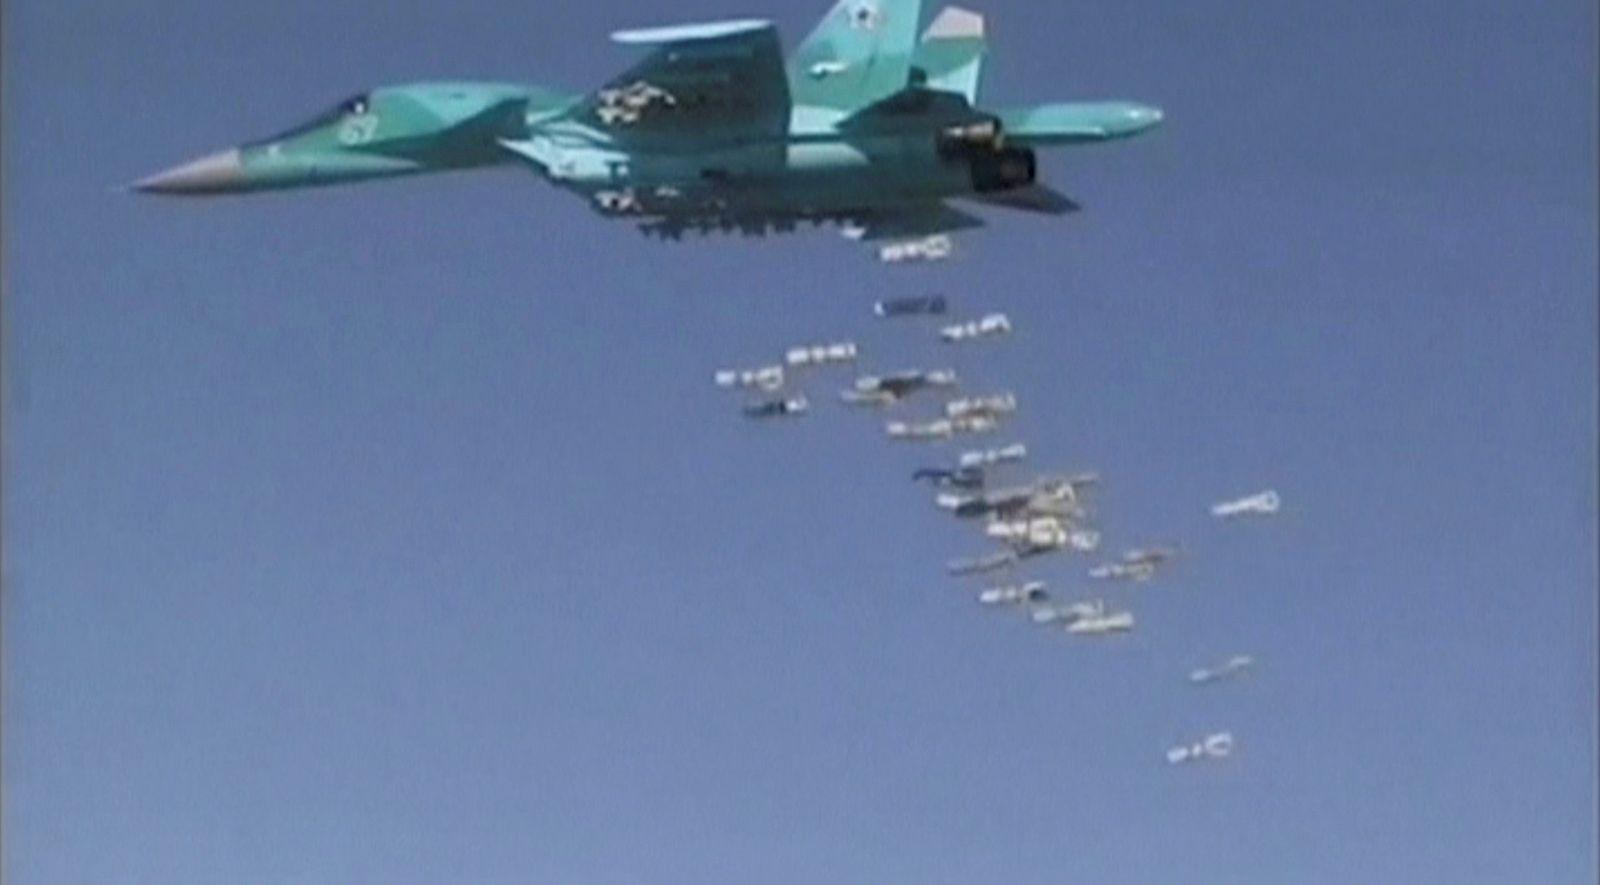 Kampfjet / Syrien / Bomben/ Russland/ Einsatz/ Syrien/ Probleme